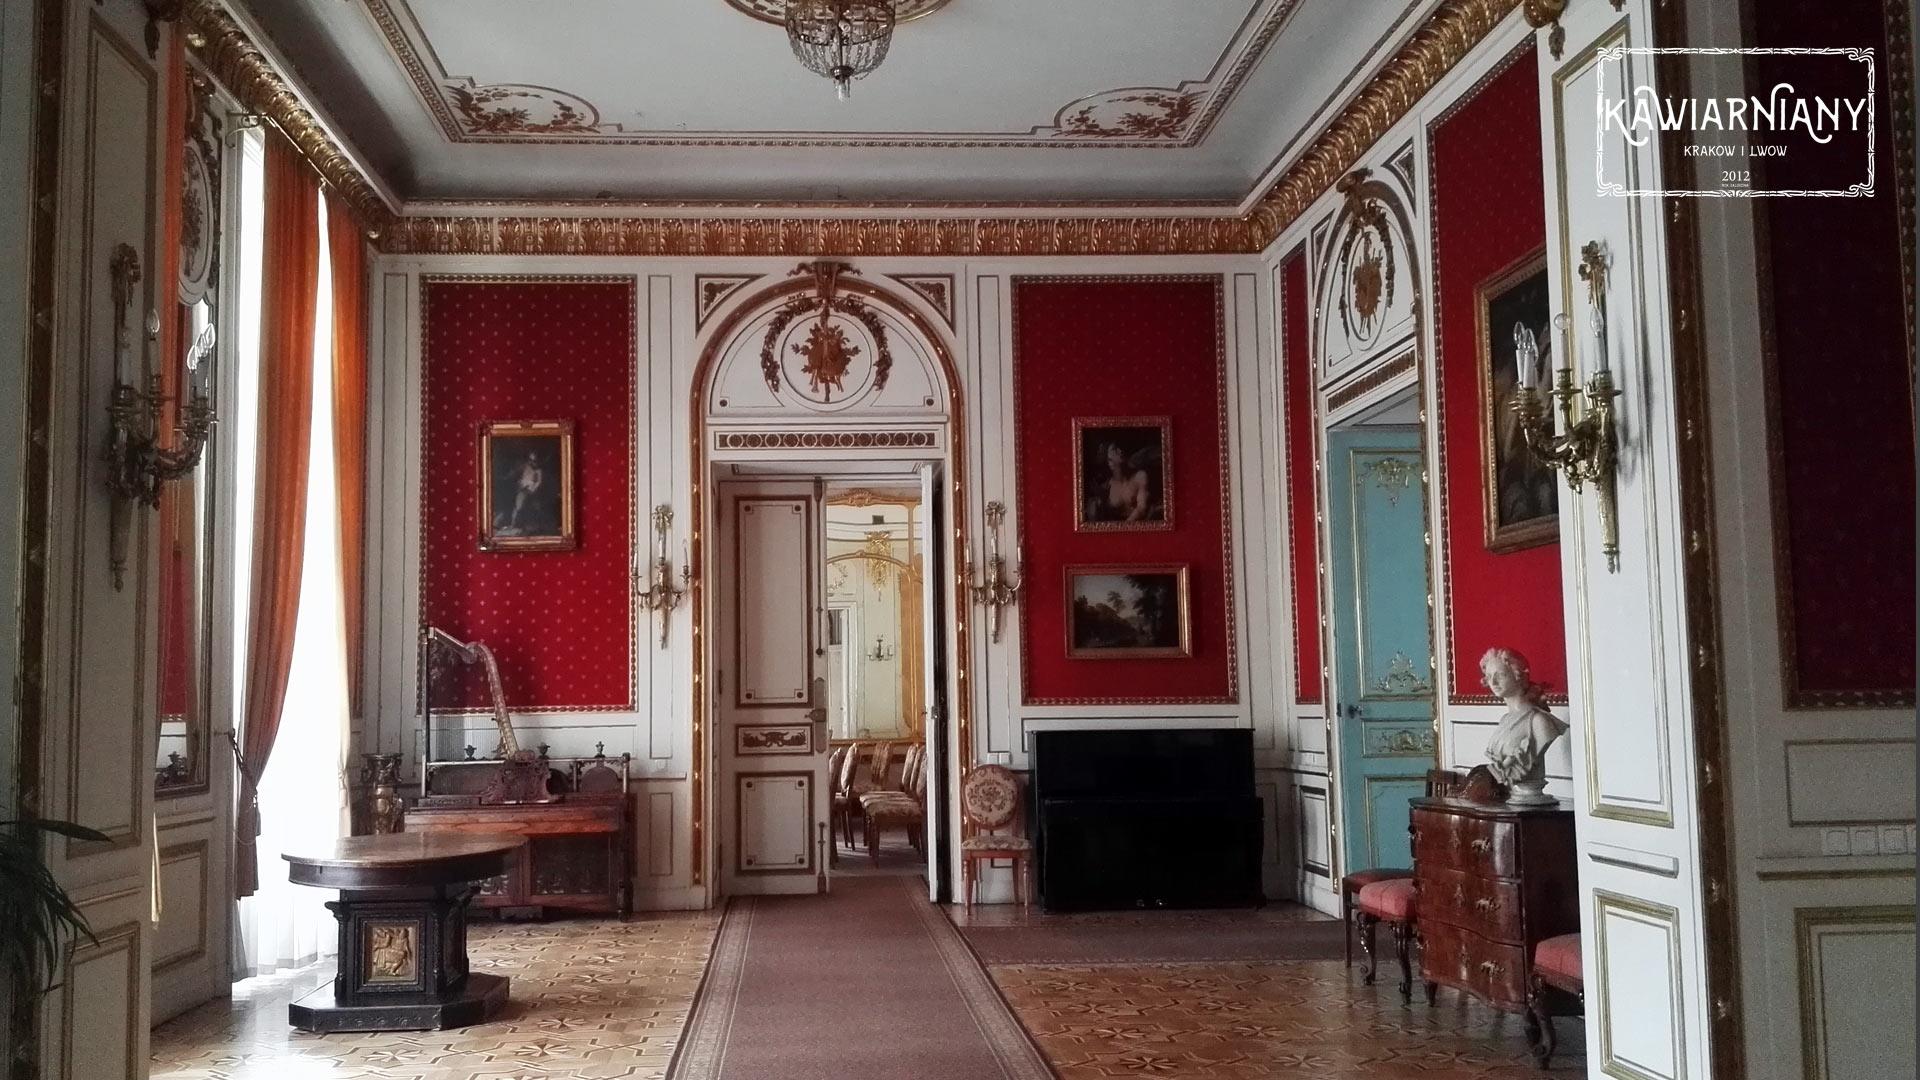 Ceny we Lwowie: ceny atrakcji – ciekawe muzea i galerie. Zwiedzanie, bilety, godziny otwarcia